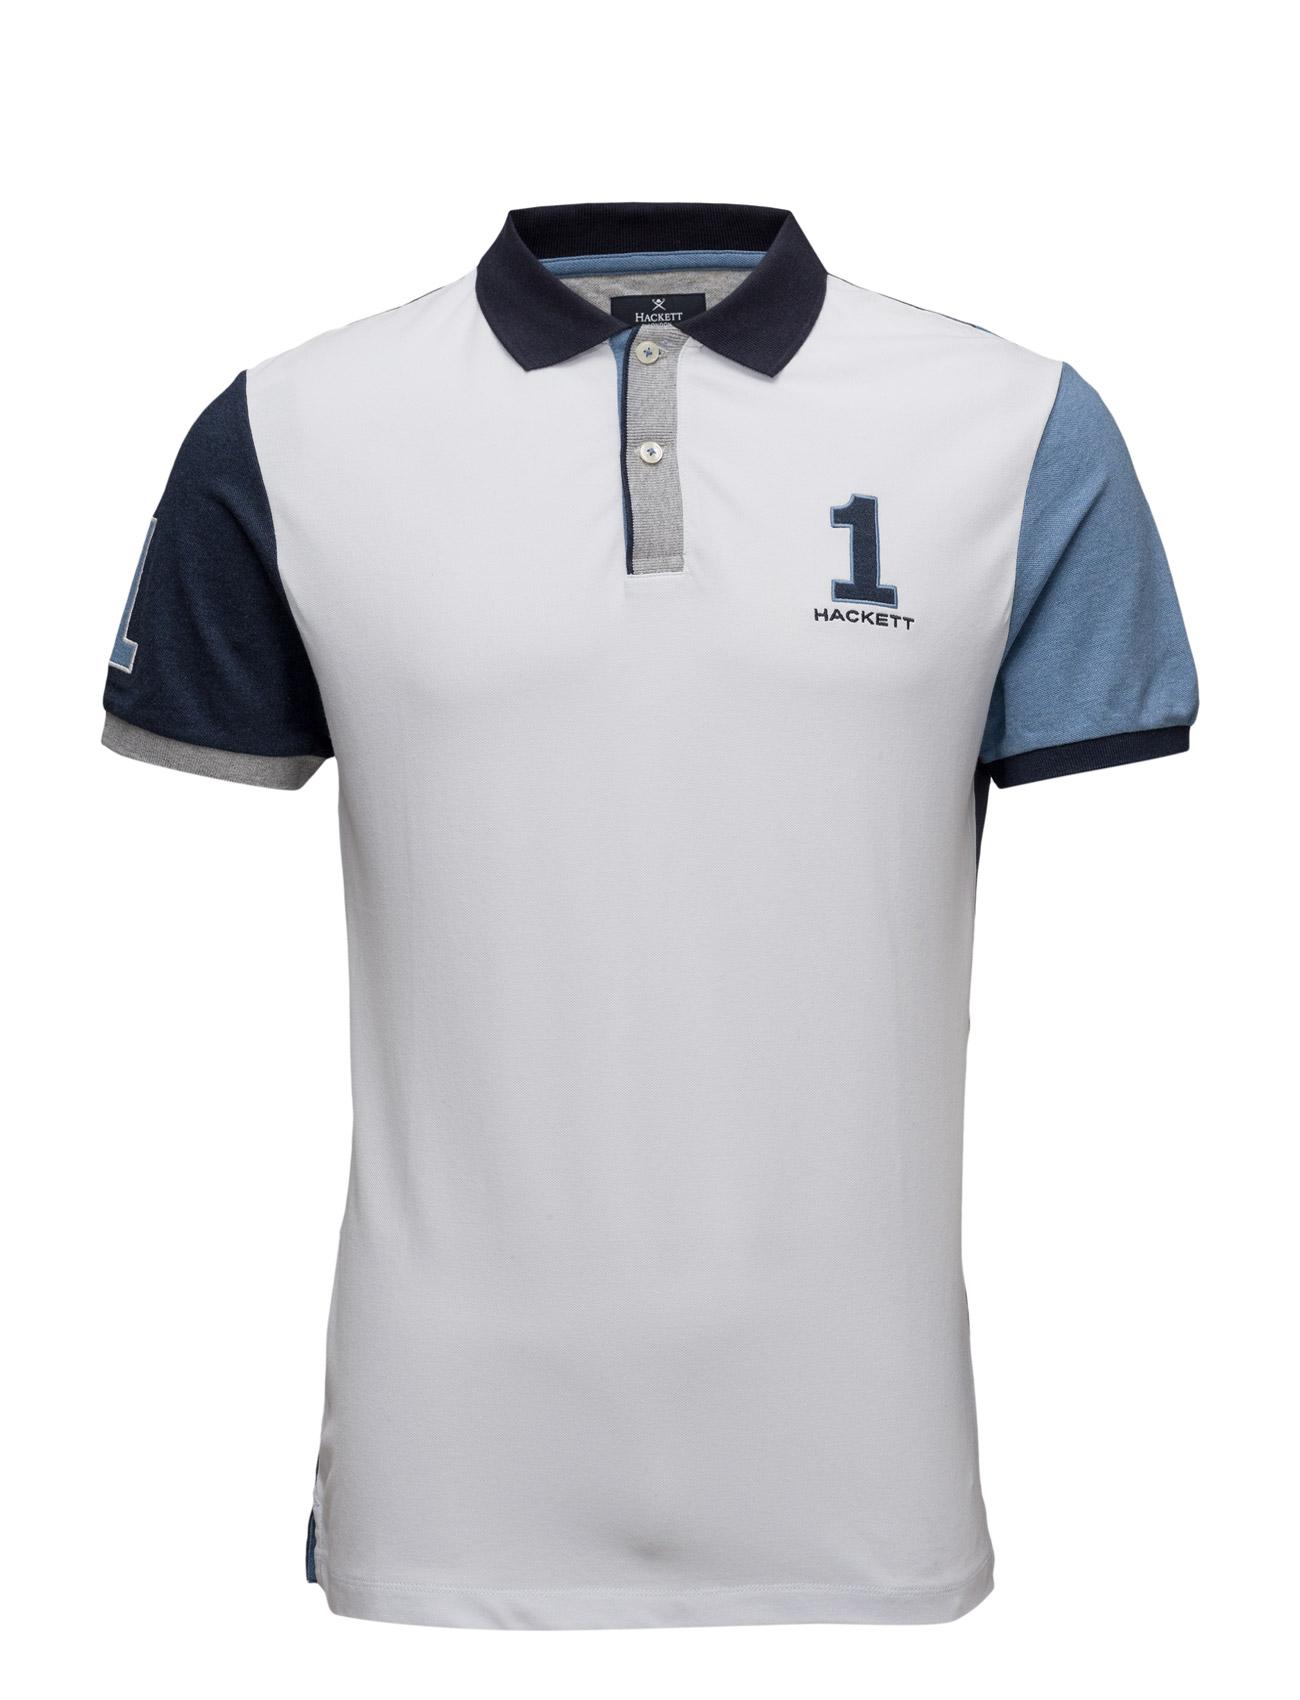 Marl Bk Cross Hackett Kortærmede polo t-shirts til Mænd i hvid